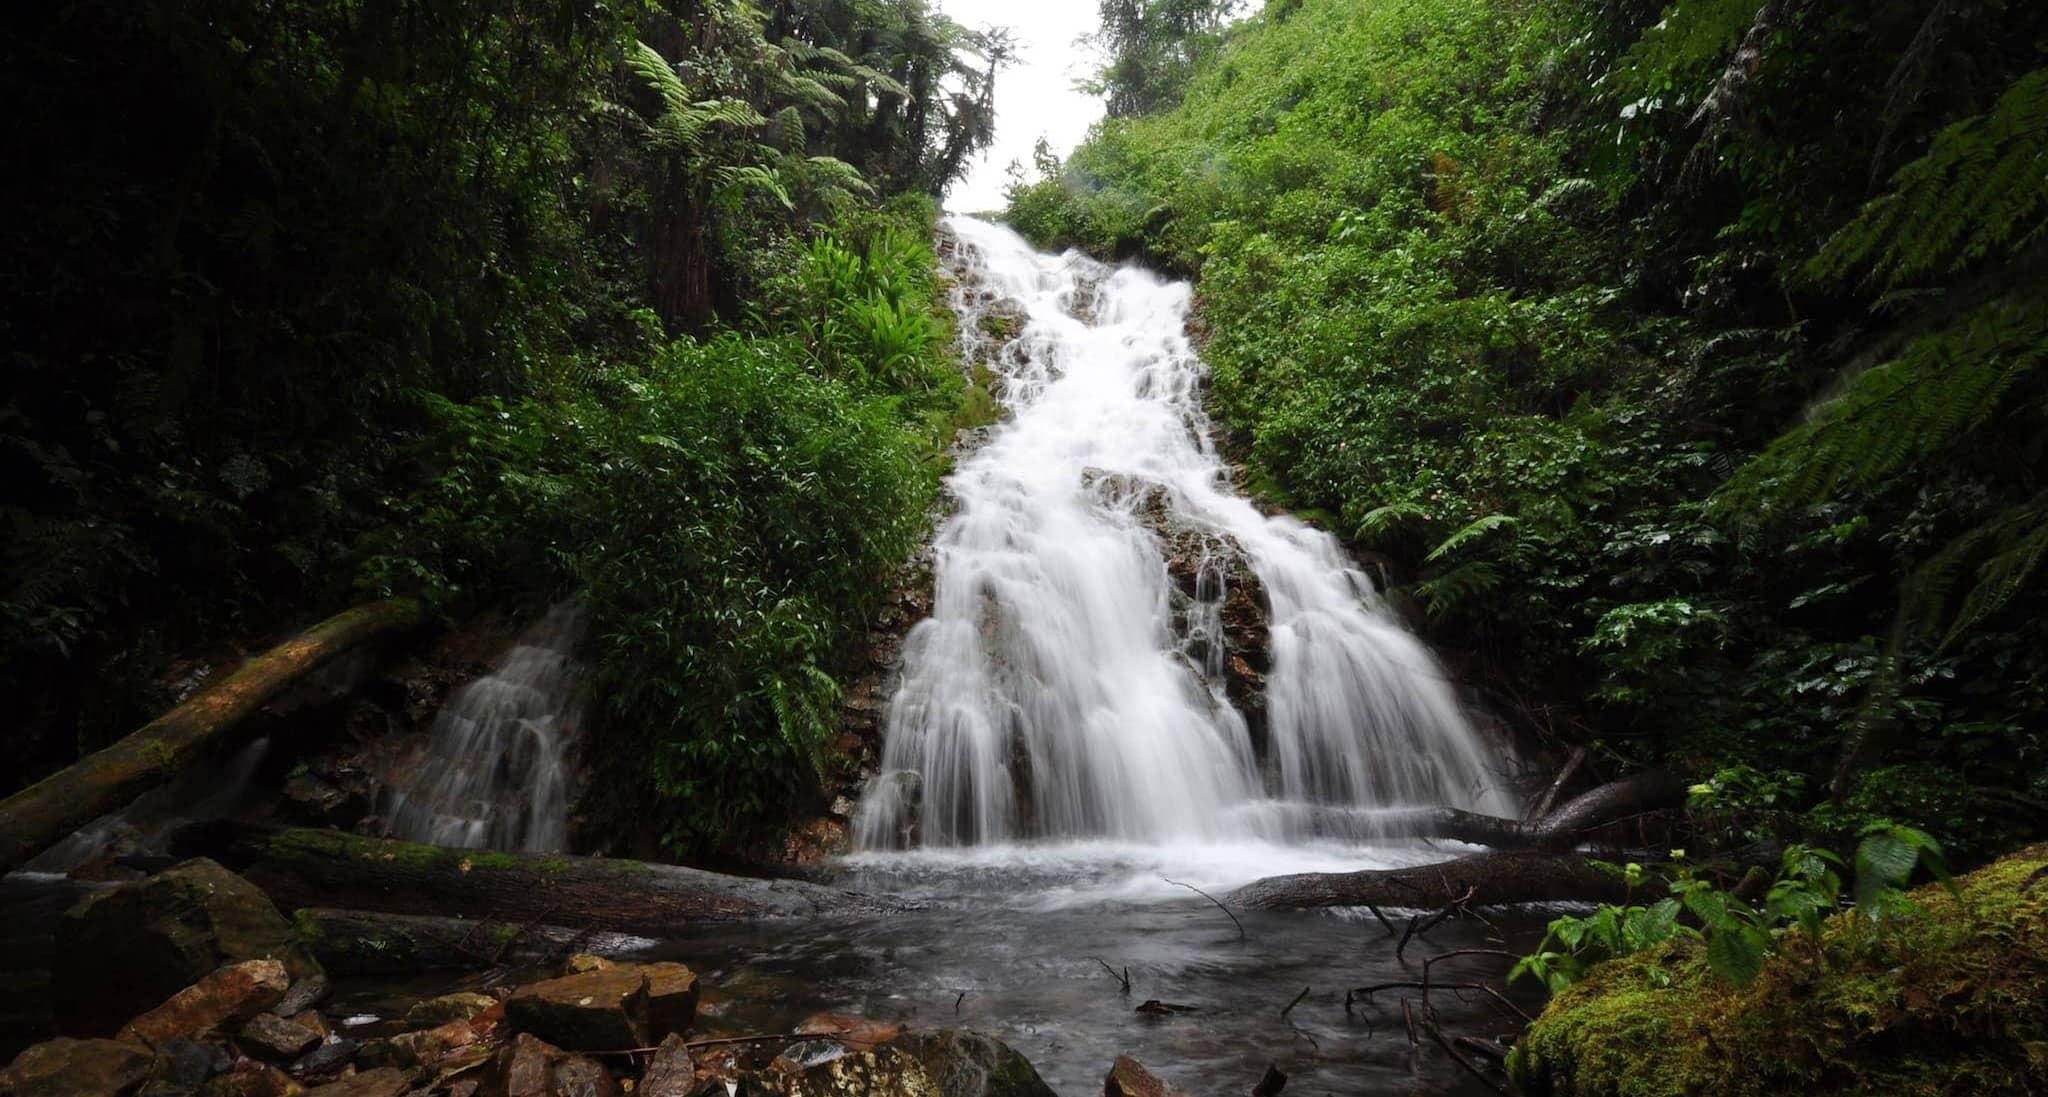 Ein Bach plätschert durch einen dichtbewachsenen Regenwald